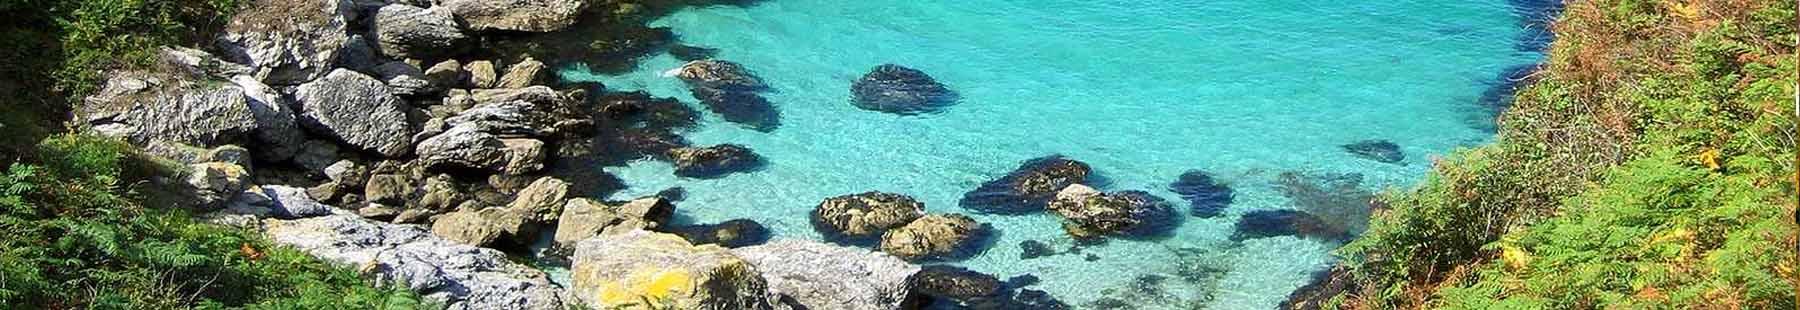 Rando découverte à Belle-Île-en-Mer